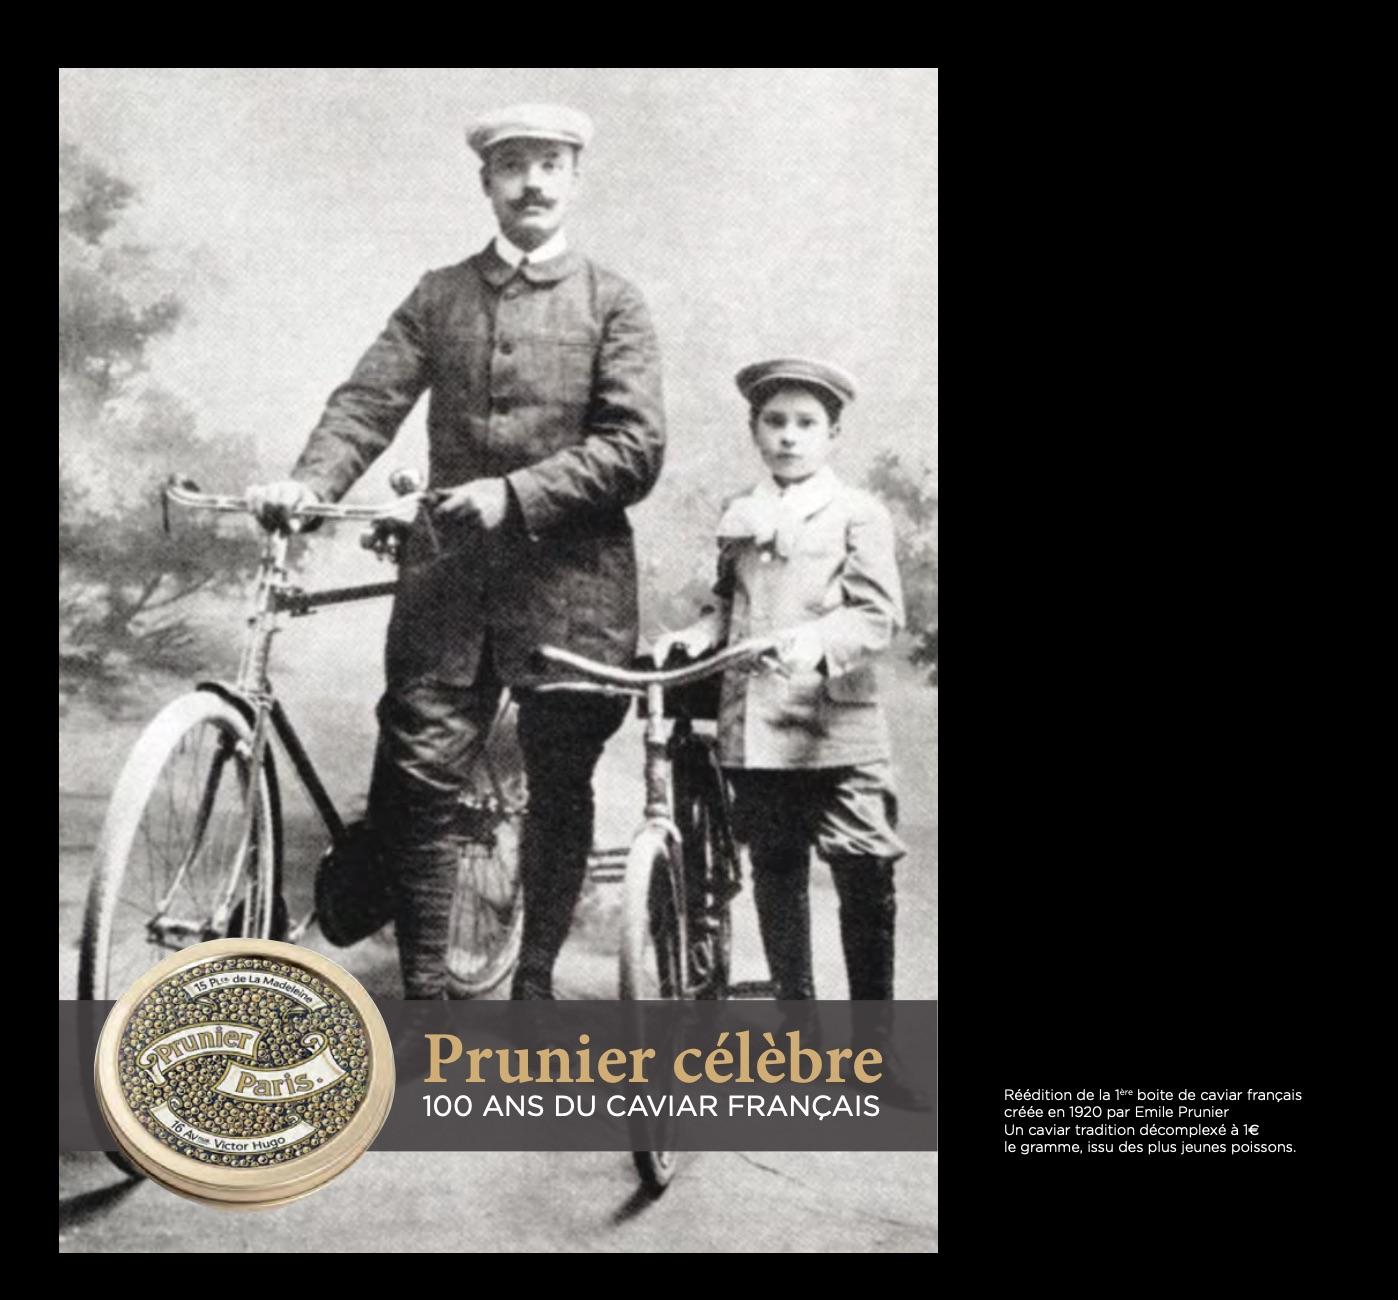 Manufacture Prunier Caviar 100 ans